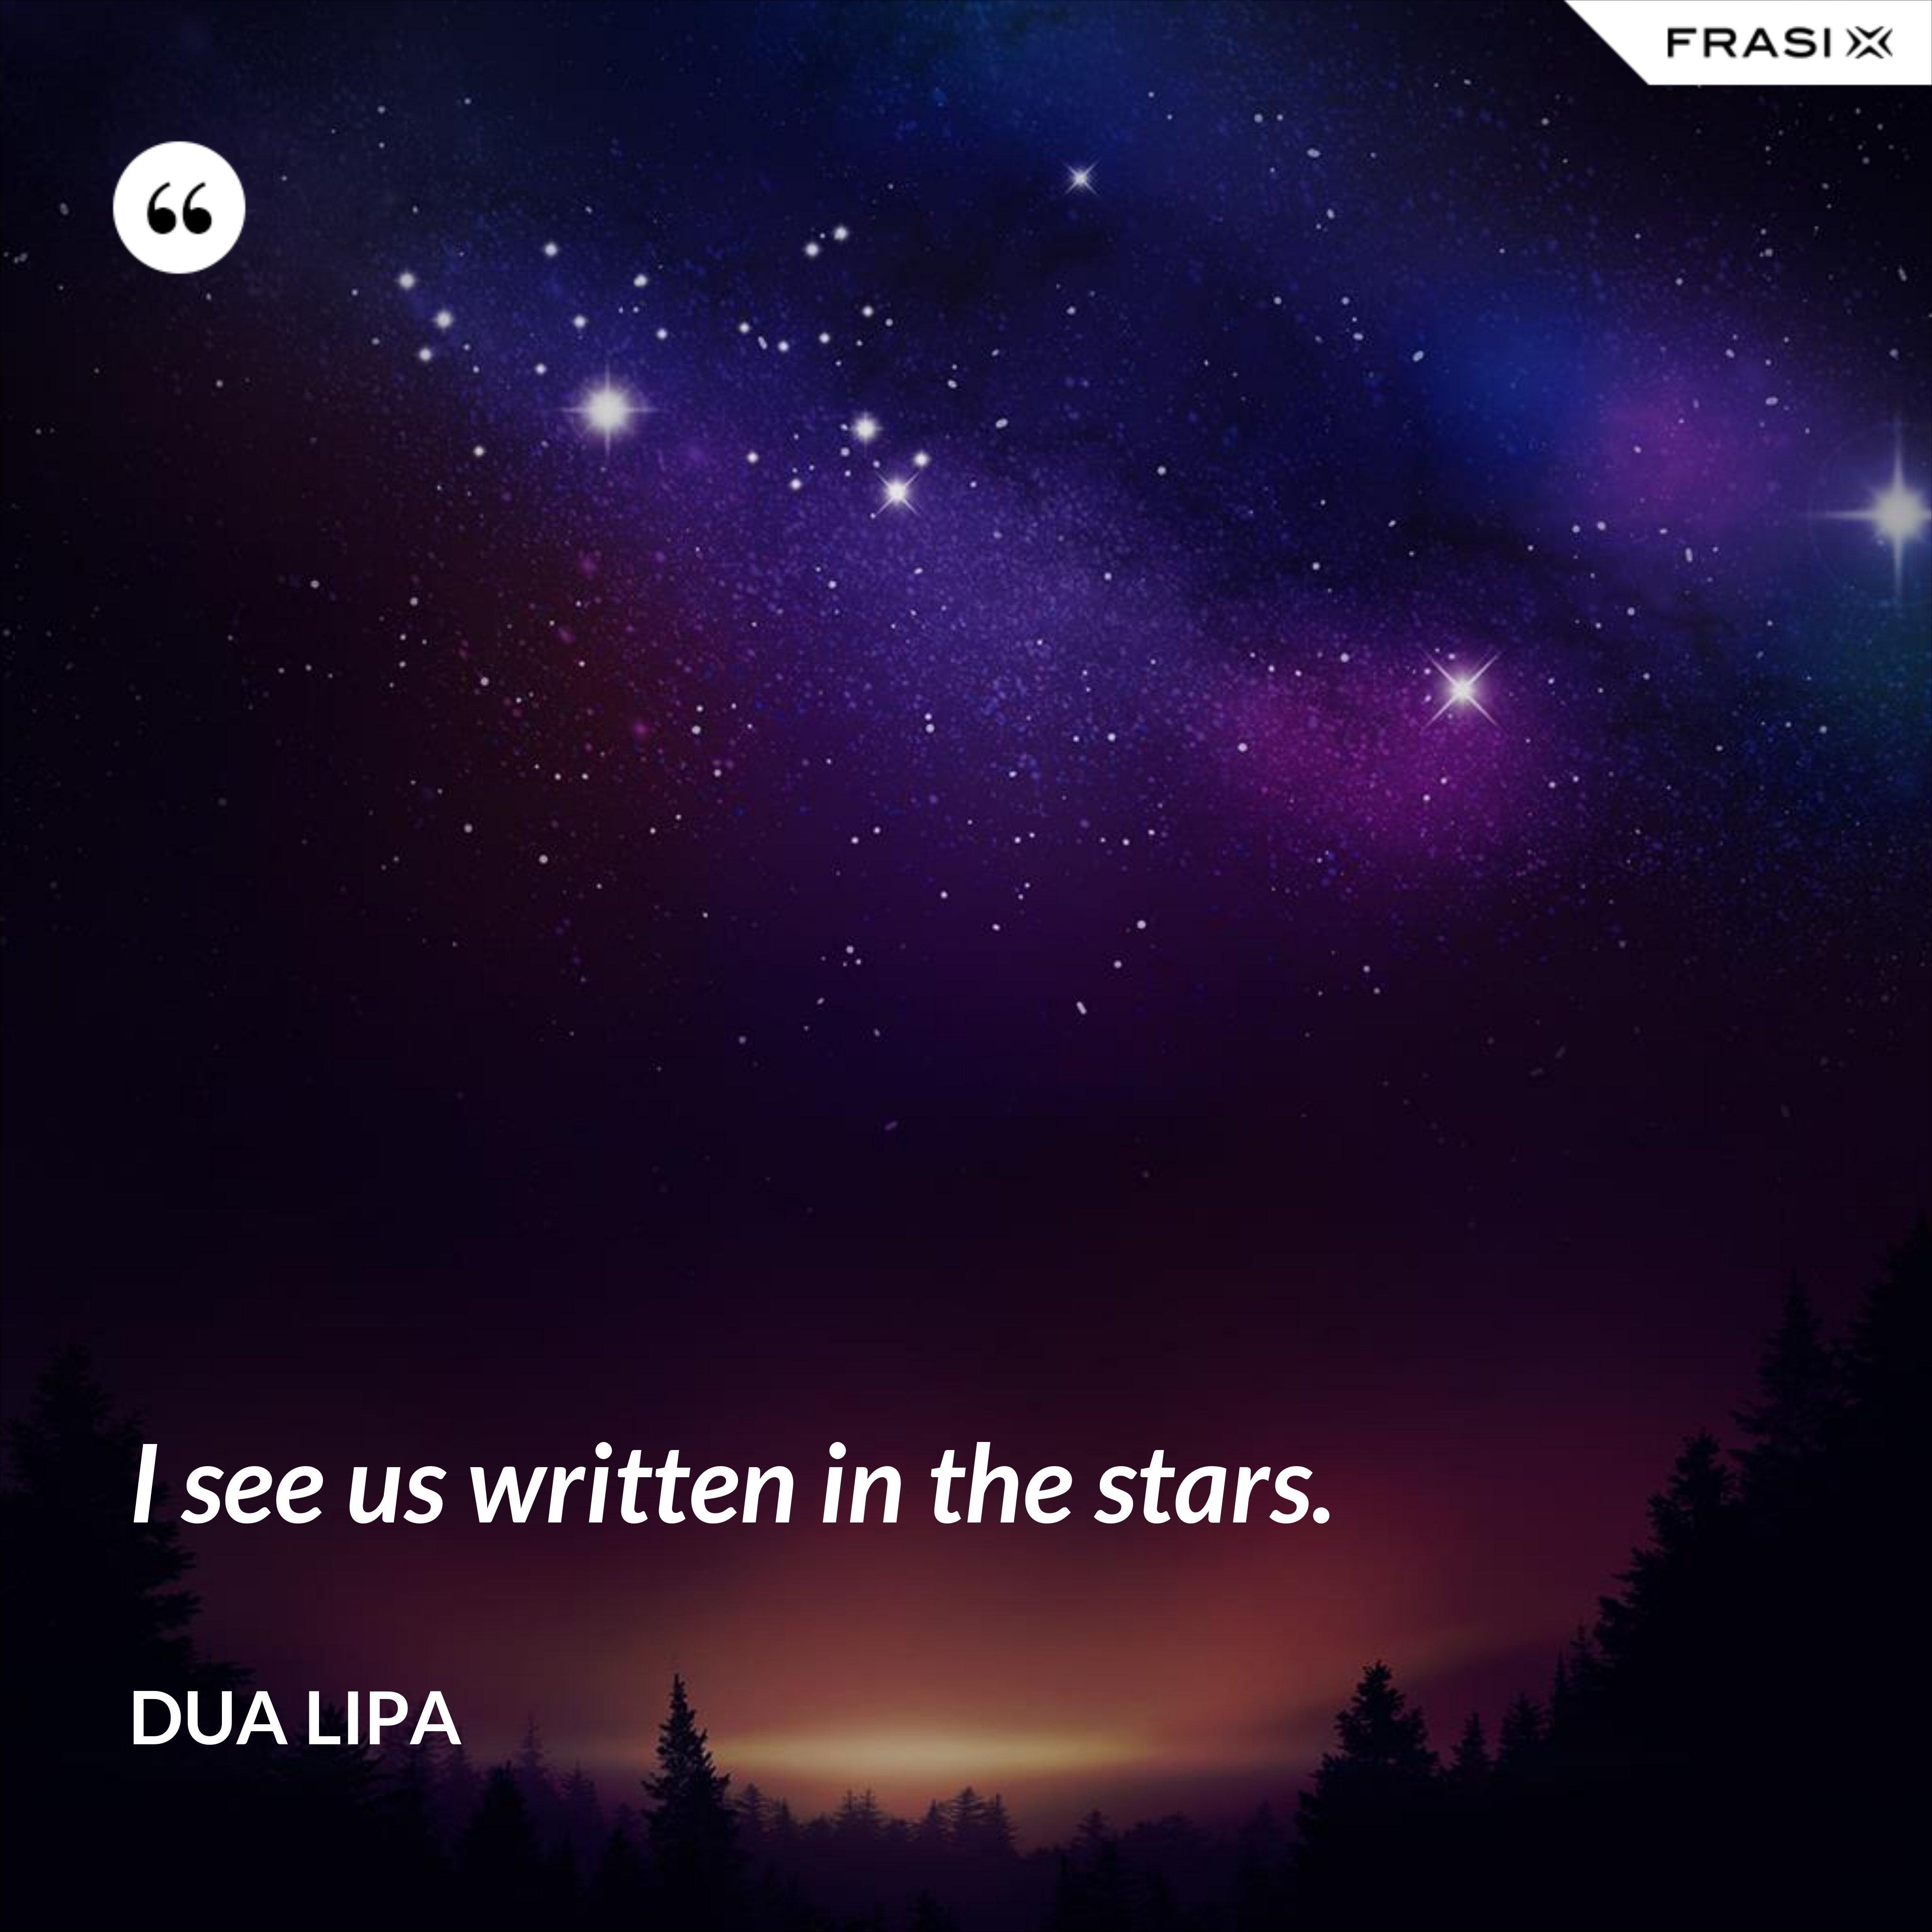 I see us written in the stars. - Dua Lipa